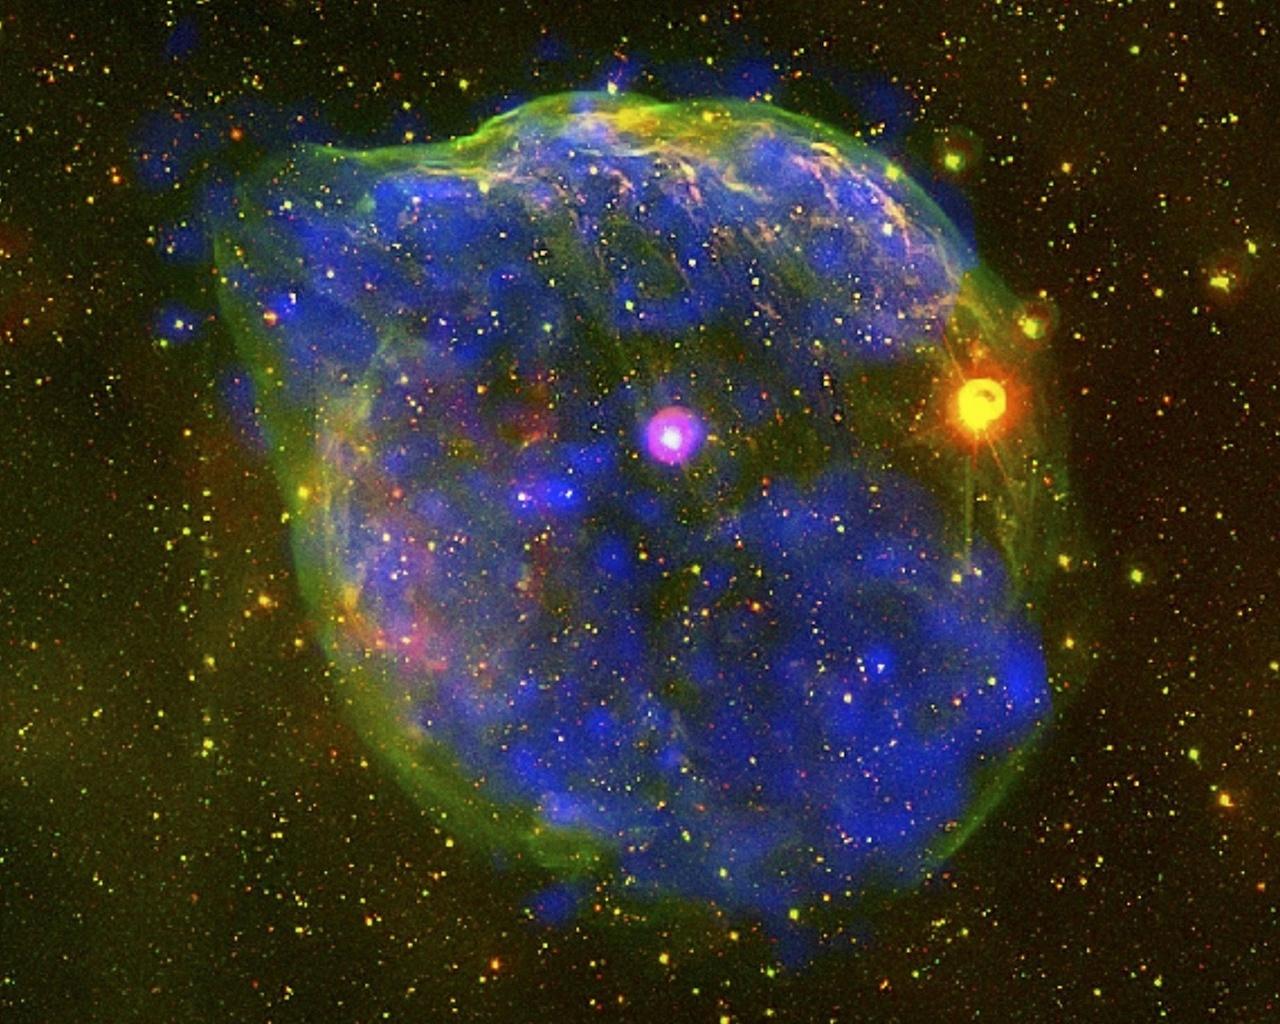 Звезда Вольфа-Райе (белая посередине, с фиолетовой аурой) и окружающая ее туманность